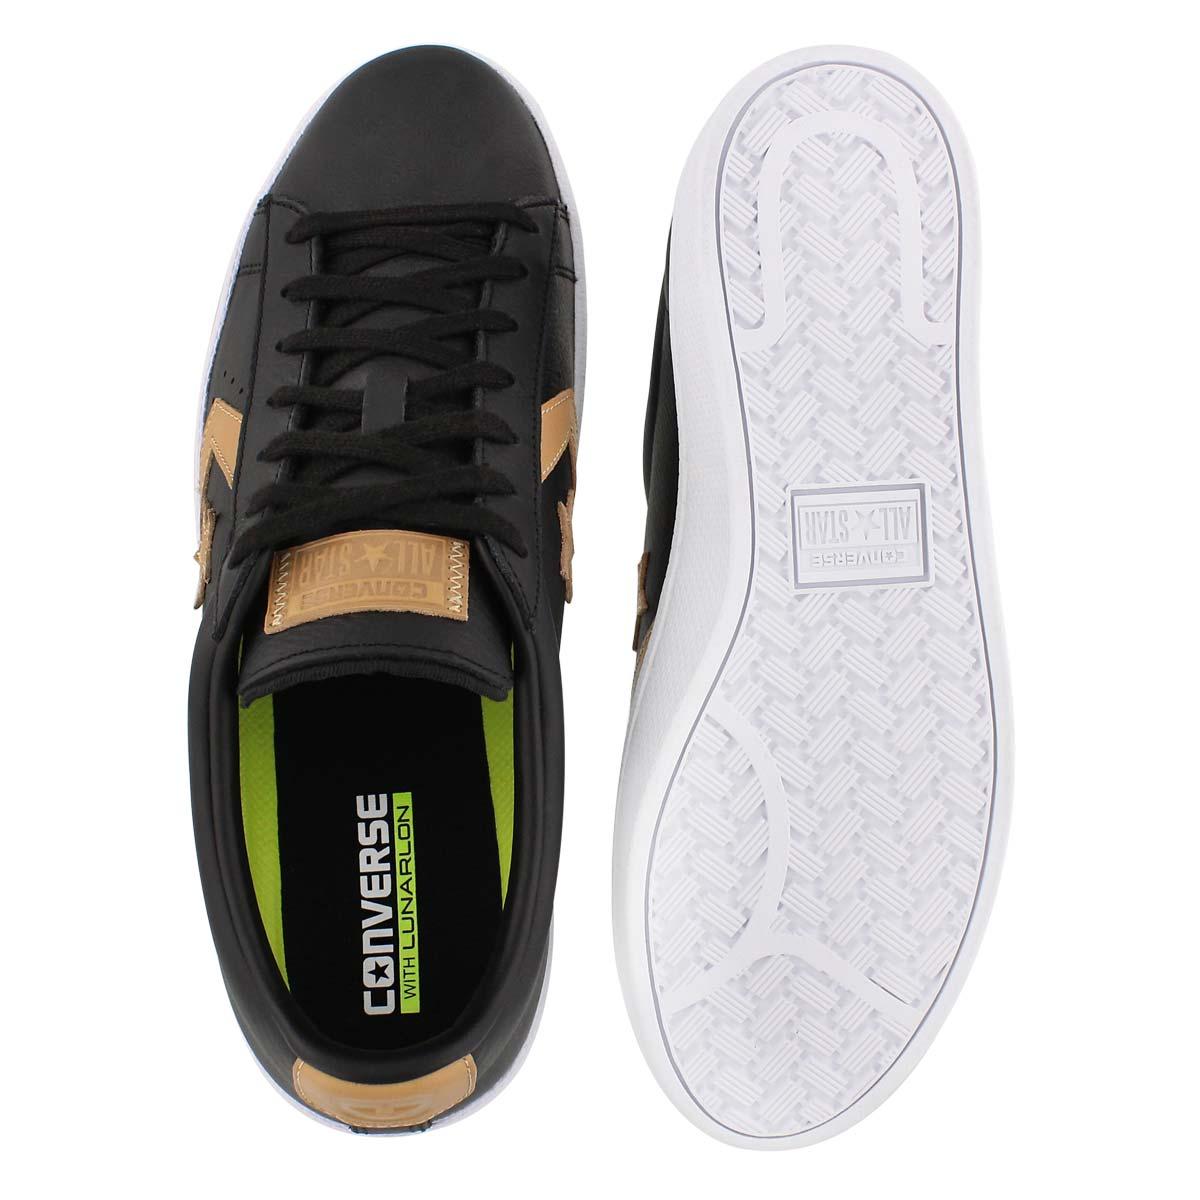 Mns PL 76 black sneaker